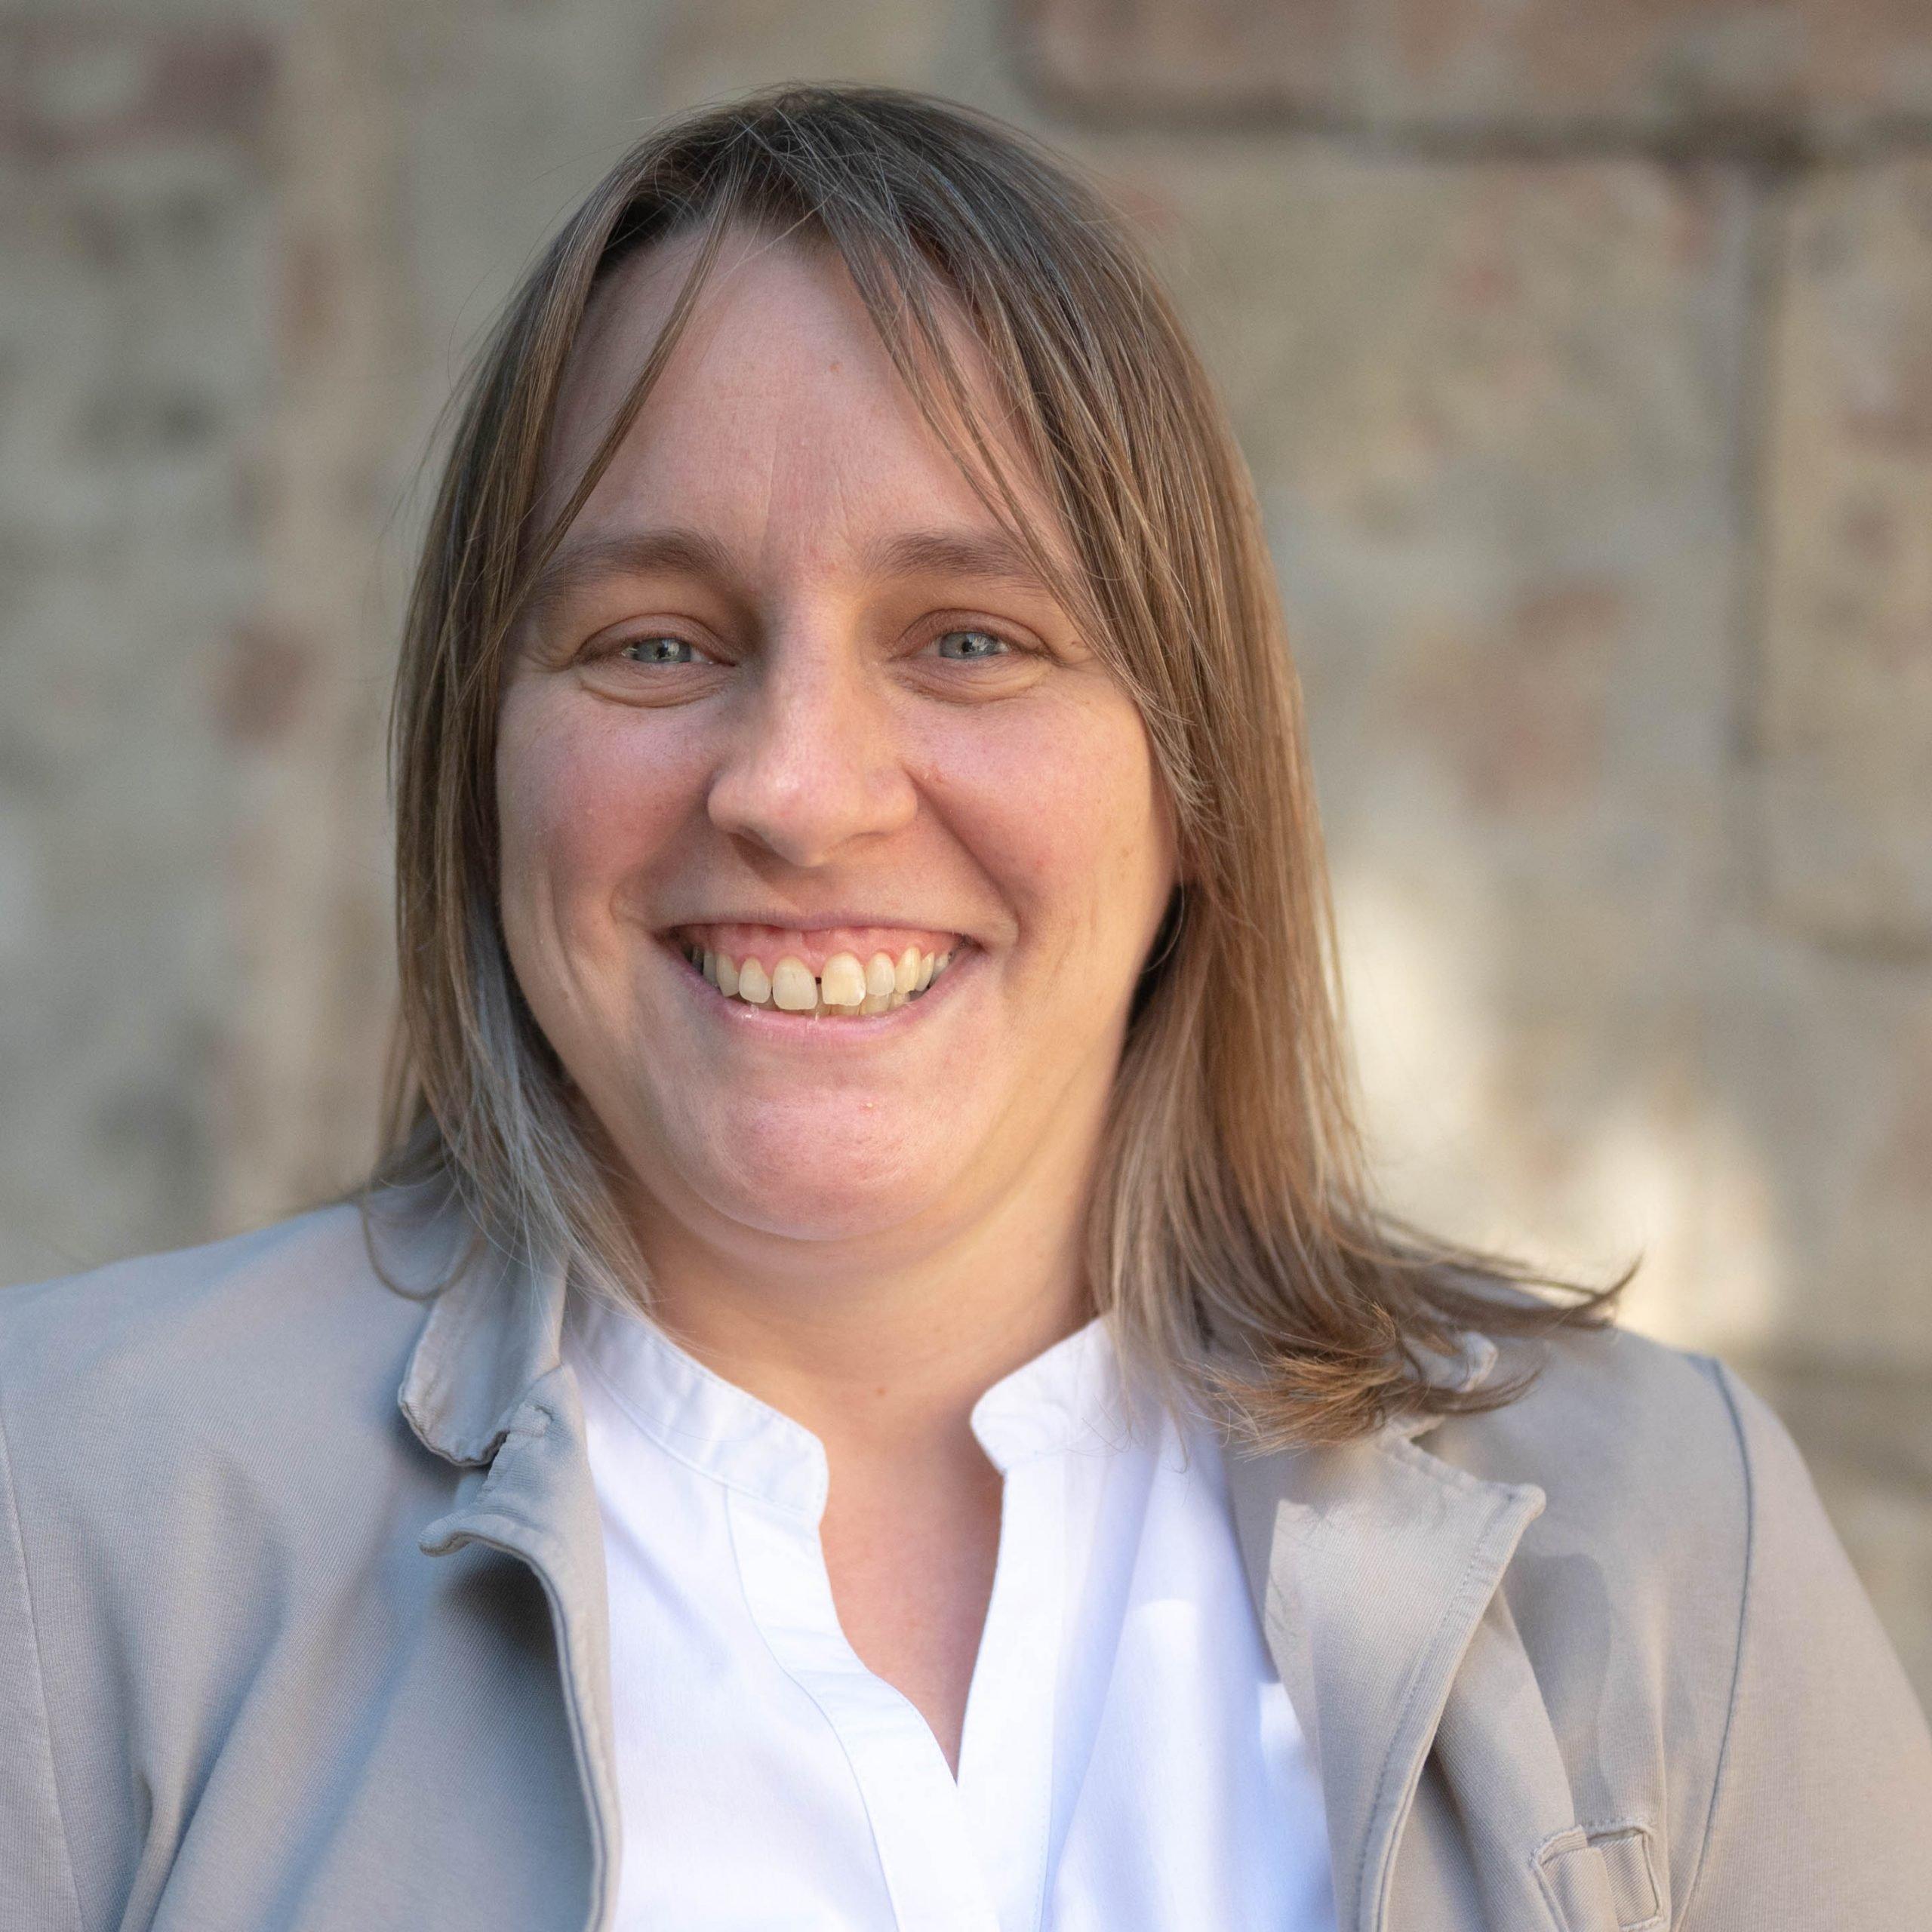 Katrin Jechlinger